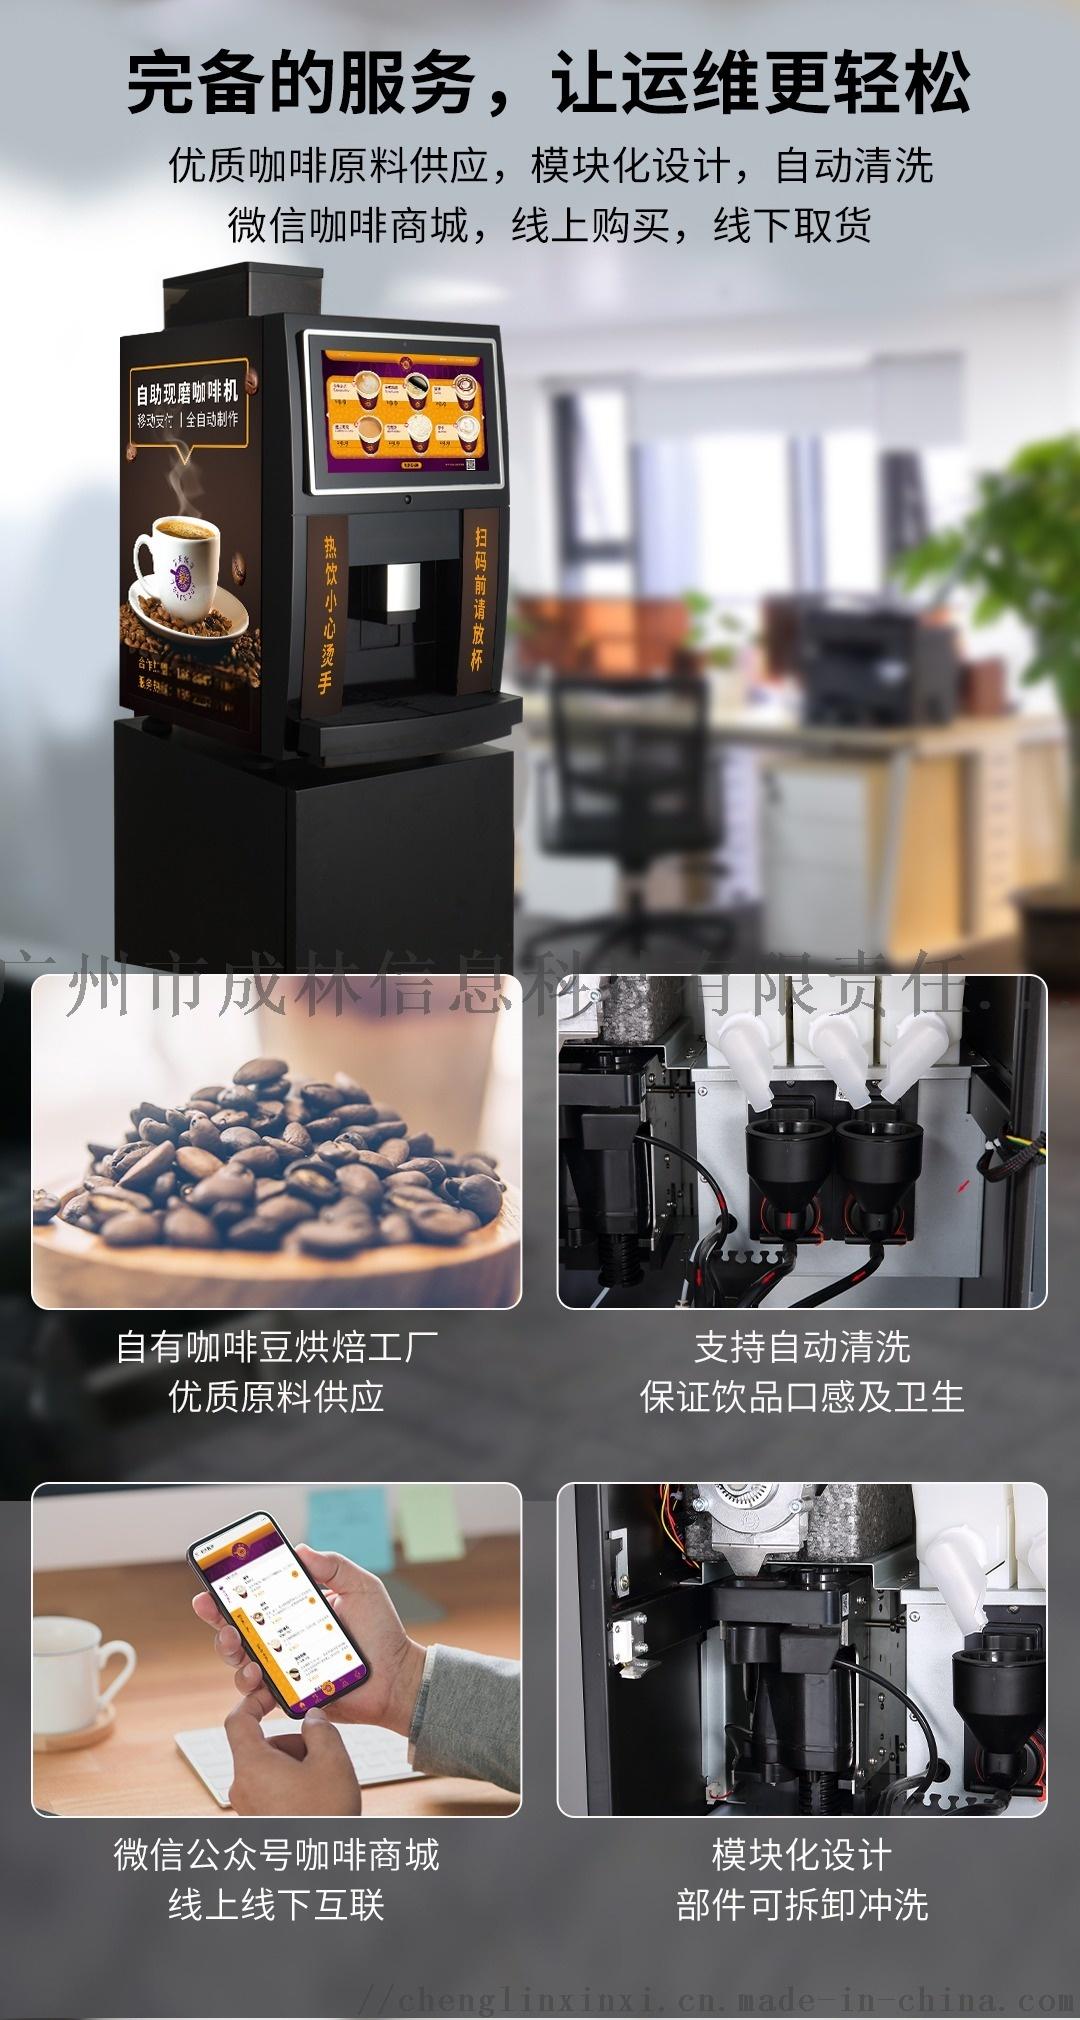 七天悦享商用咖啡机 全自动现磨咖啡机143291955